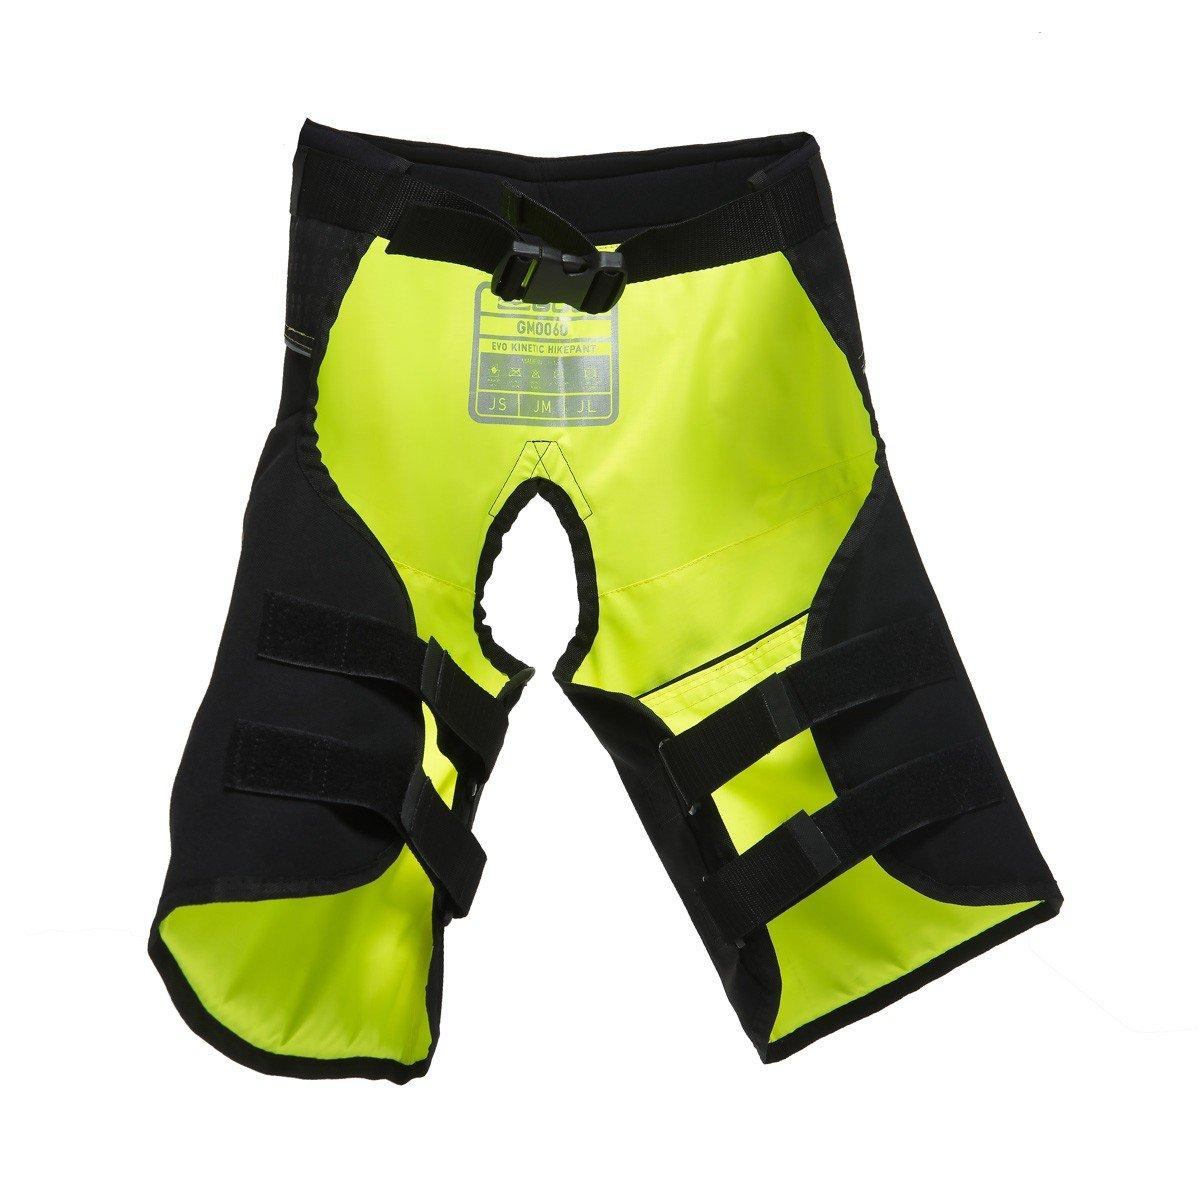 Gul Evo Short Kinetic Hike Pants   Gm0060-B2